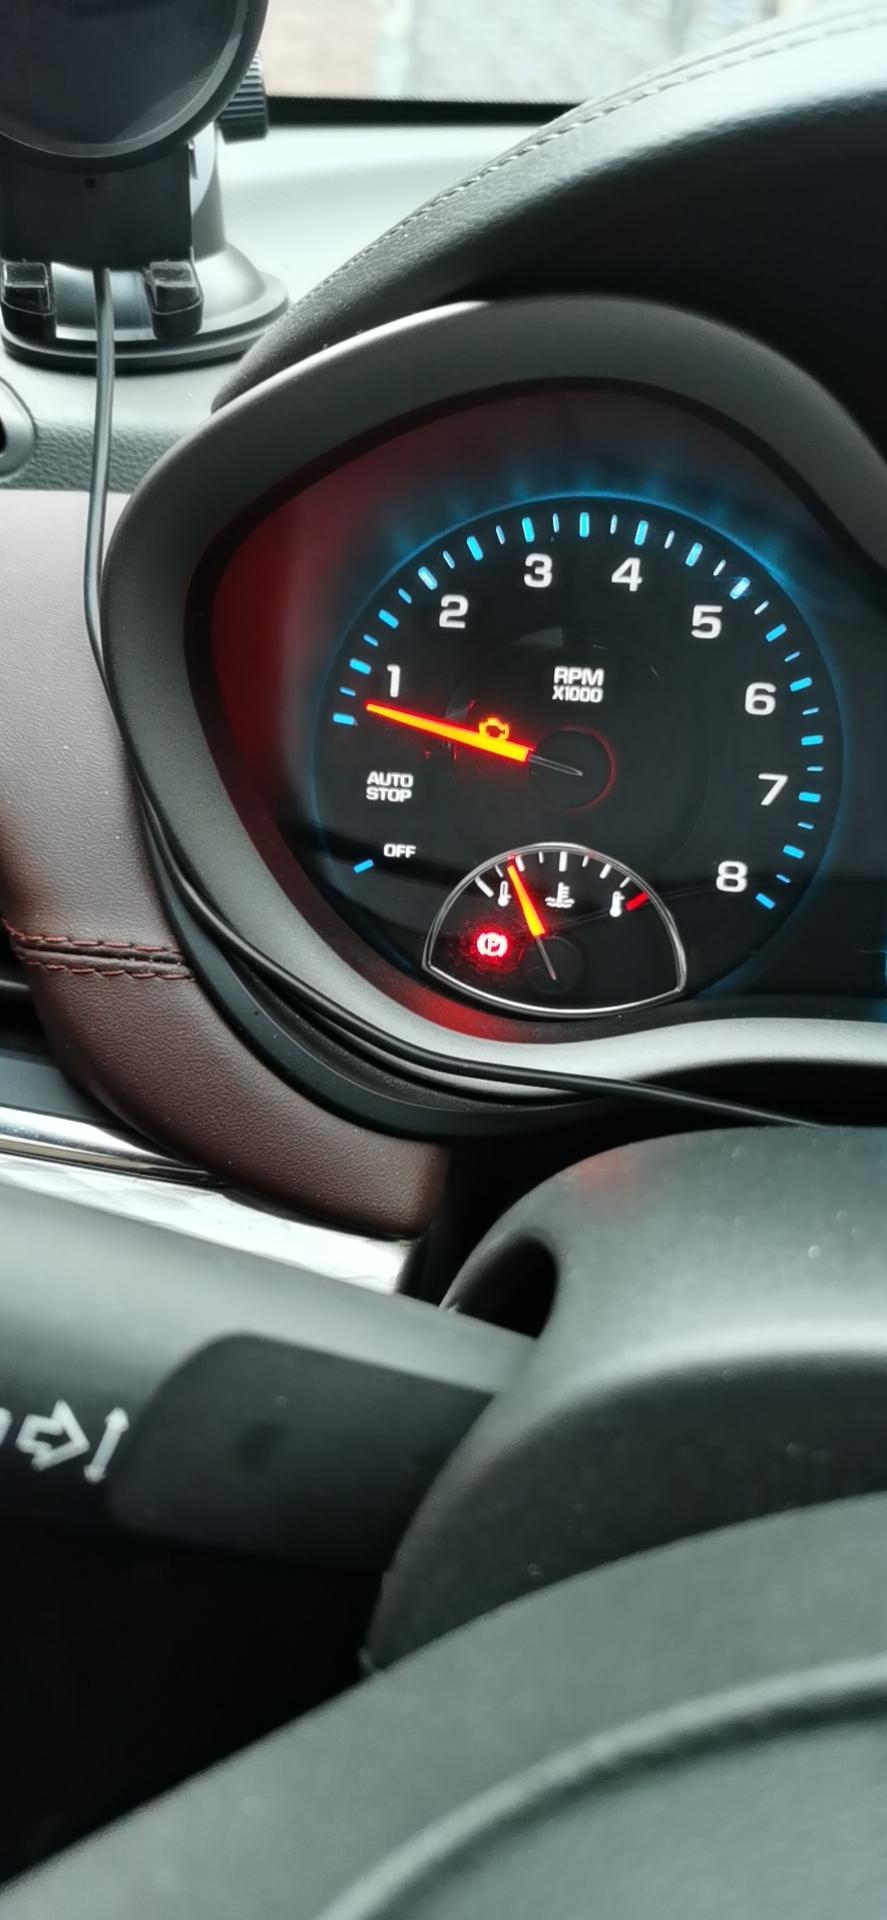 雪佛兰-迈锐宝发动机抖动检测结果第二缸缺压